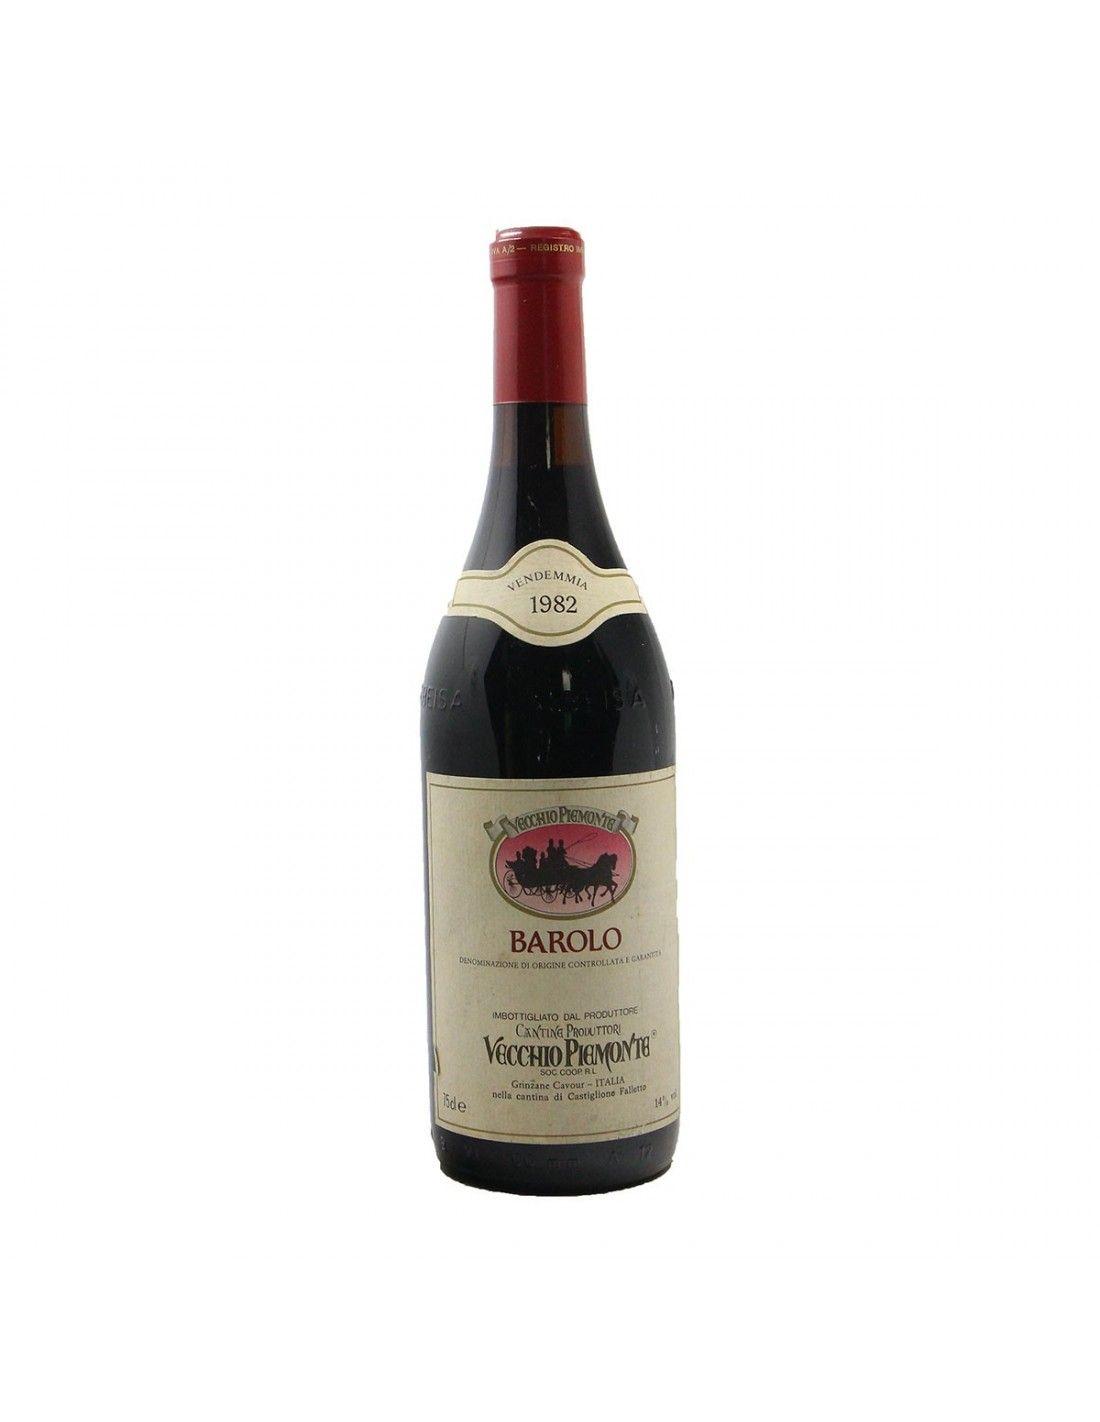 BAROLO 1982 VECCHIO PIEMONTE Grandi Bottiglie